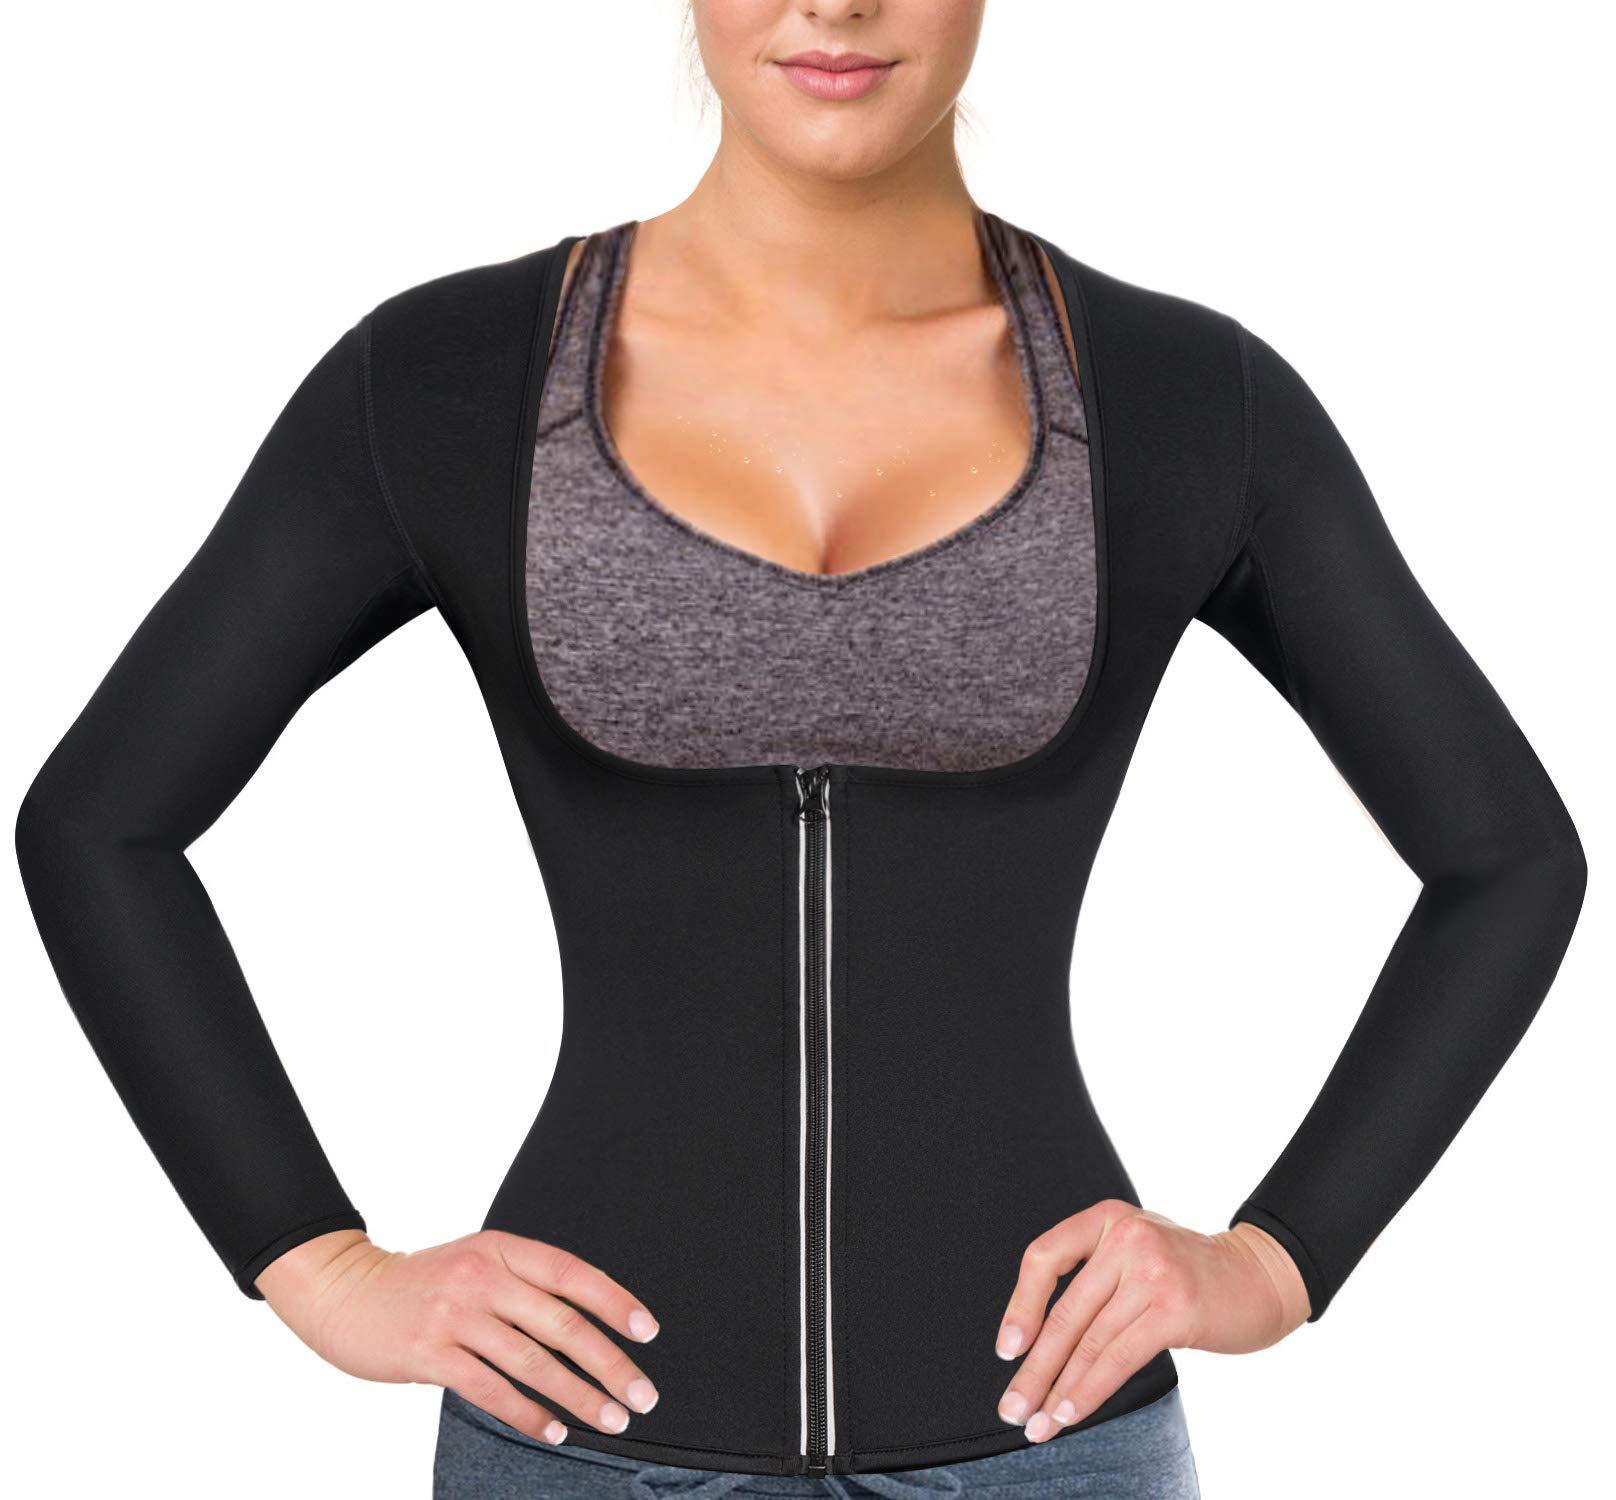 Women Sauna Suit Waist Trainer Neoprene Shirt for Sport Workout Weight Loss Corset Hot Body Shaper Top (M, Black#2 Long Sleeves)